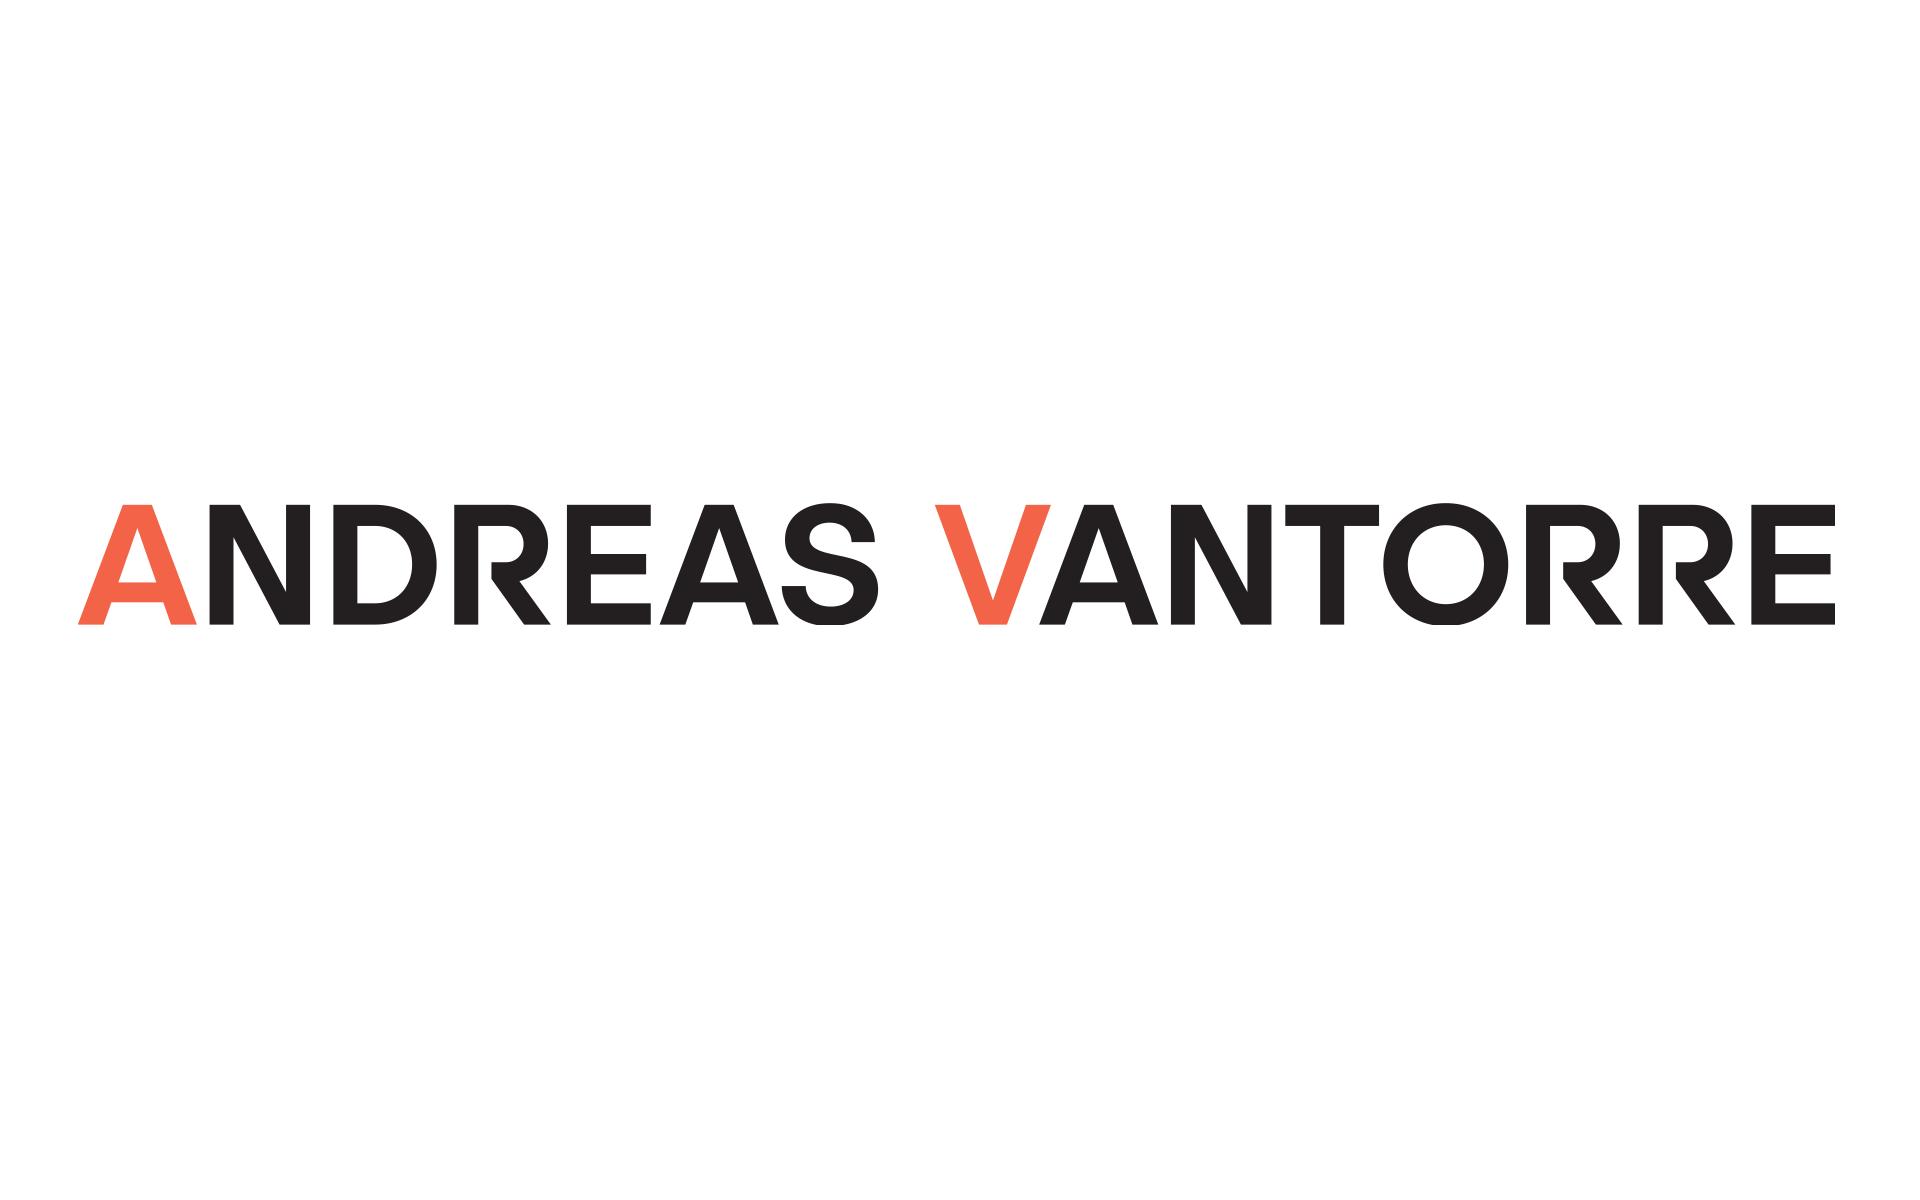 Andreas Vantorre, Logotype, Herleitung der Wortmarke aus dem Namen heraus